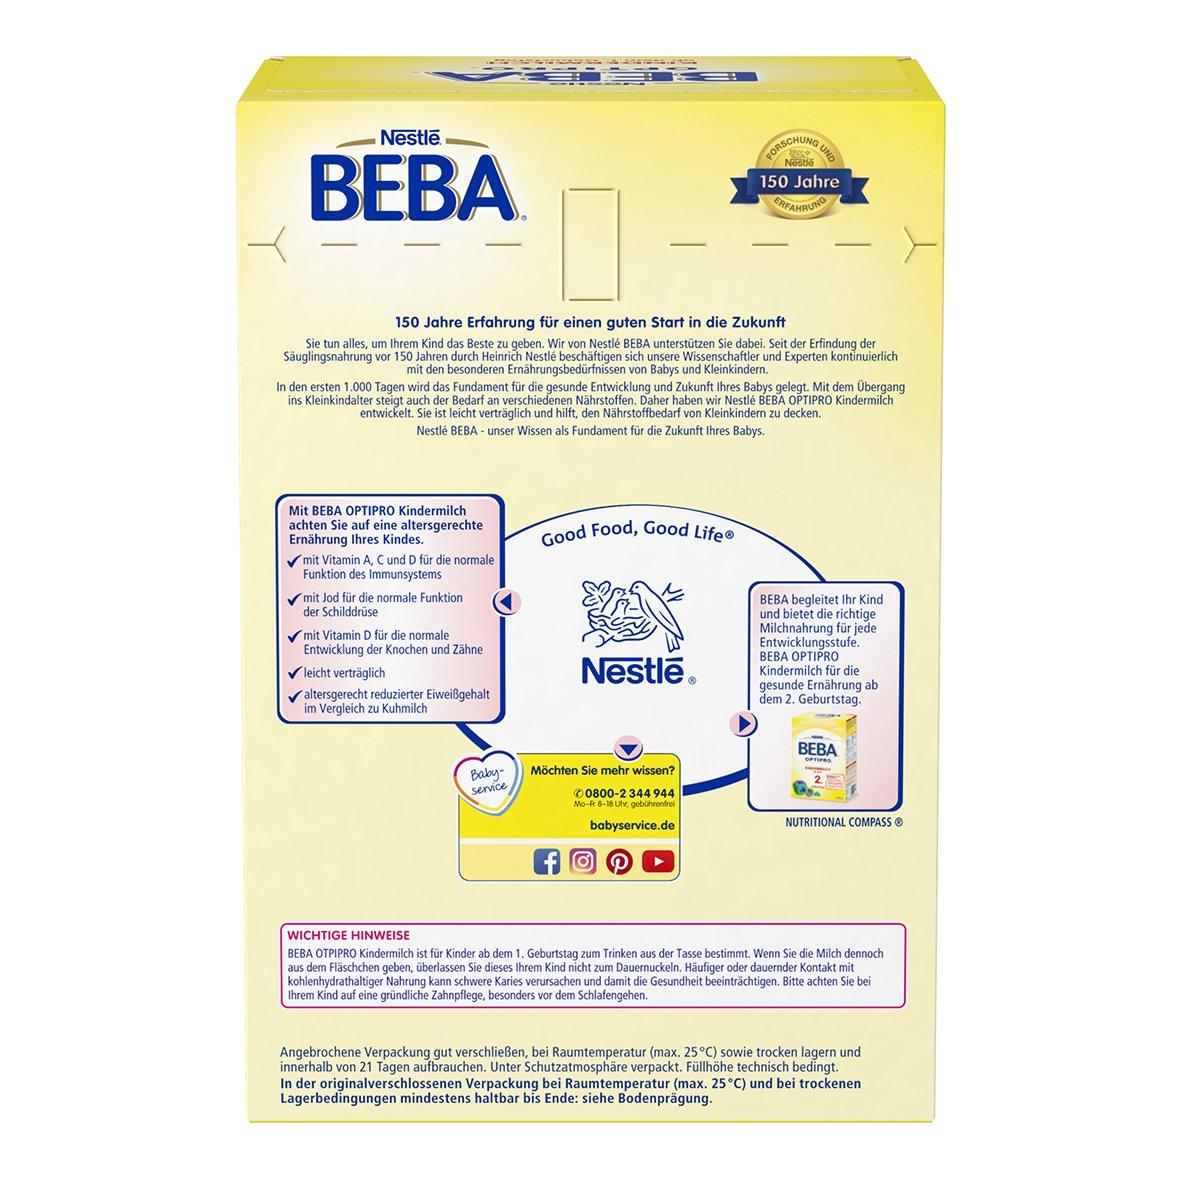 Nestlé Beba Optipro Kindermilch Ab Dem 1 Geburtstag 1er Pack 1 X